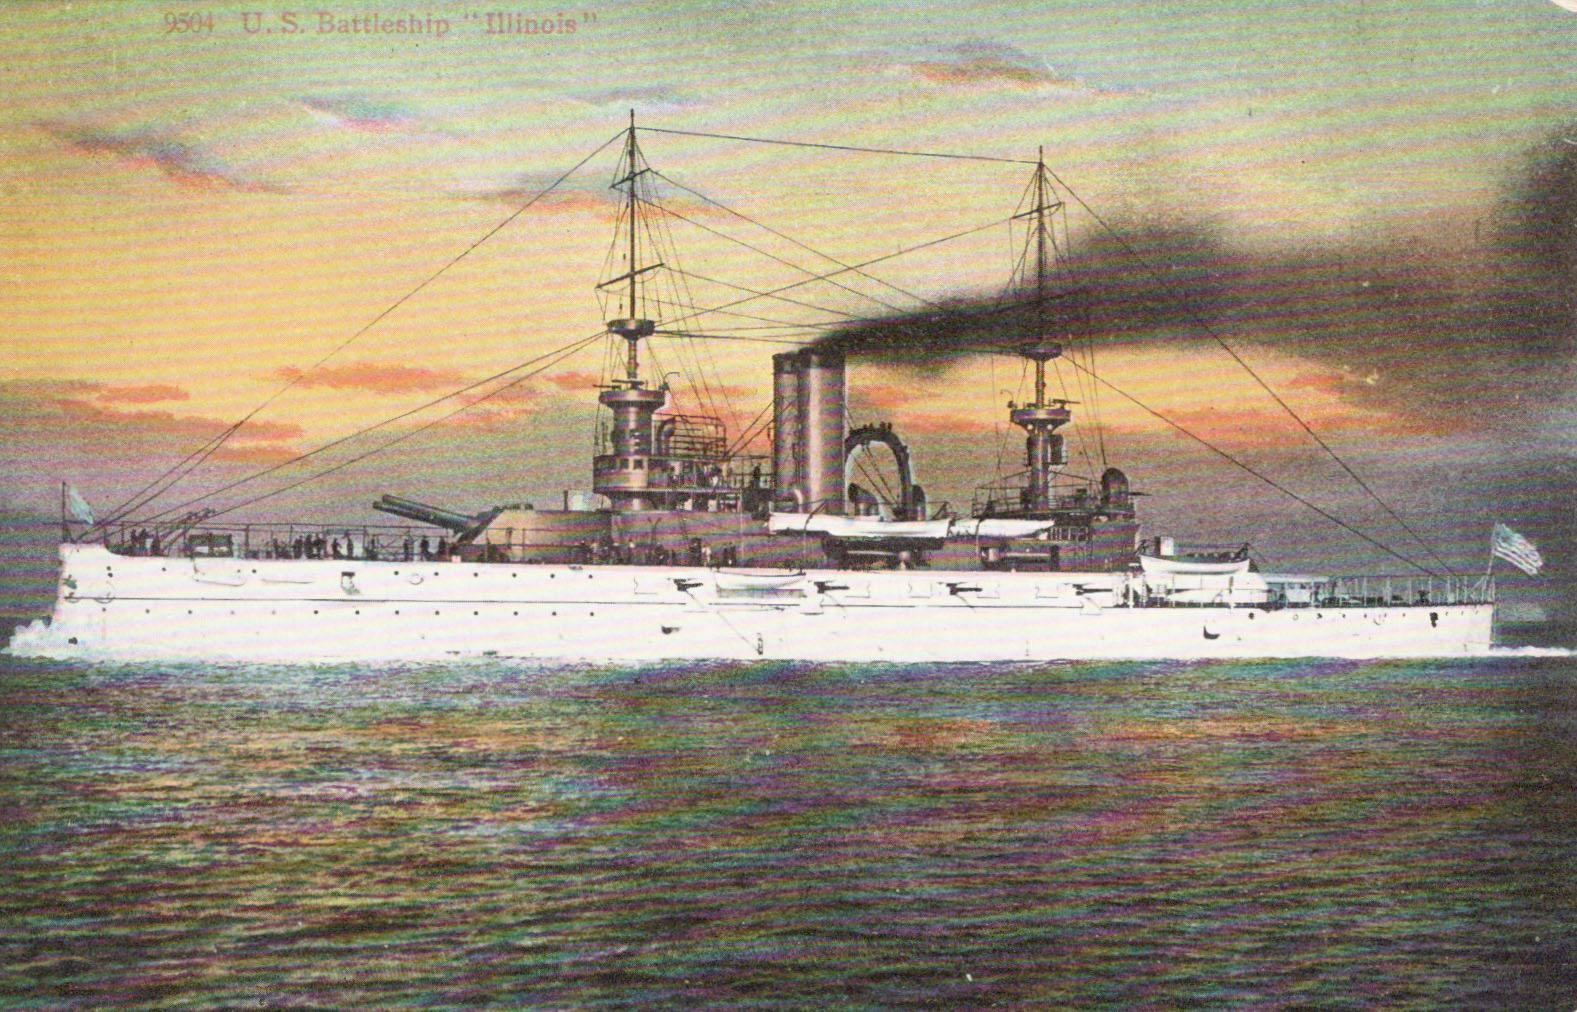 USS_Illinois_0018